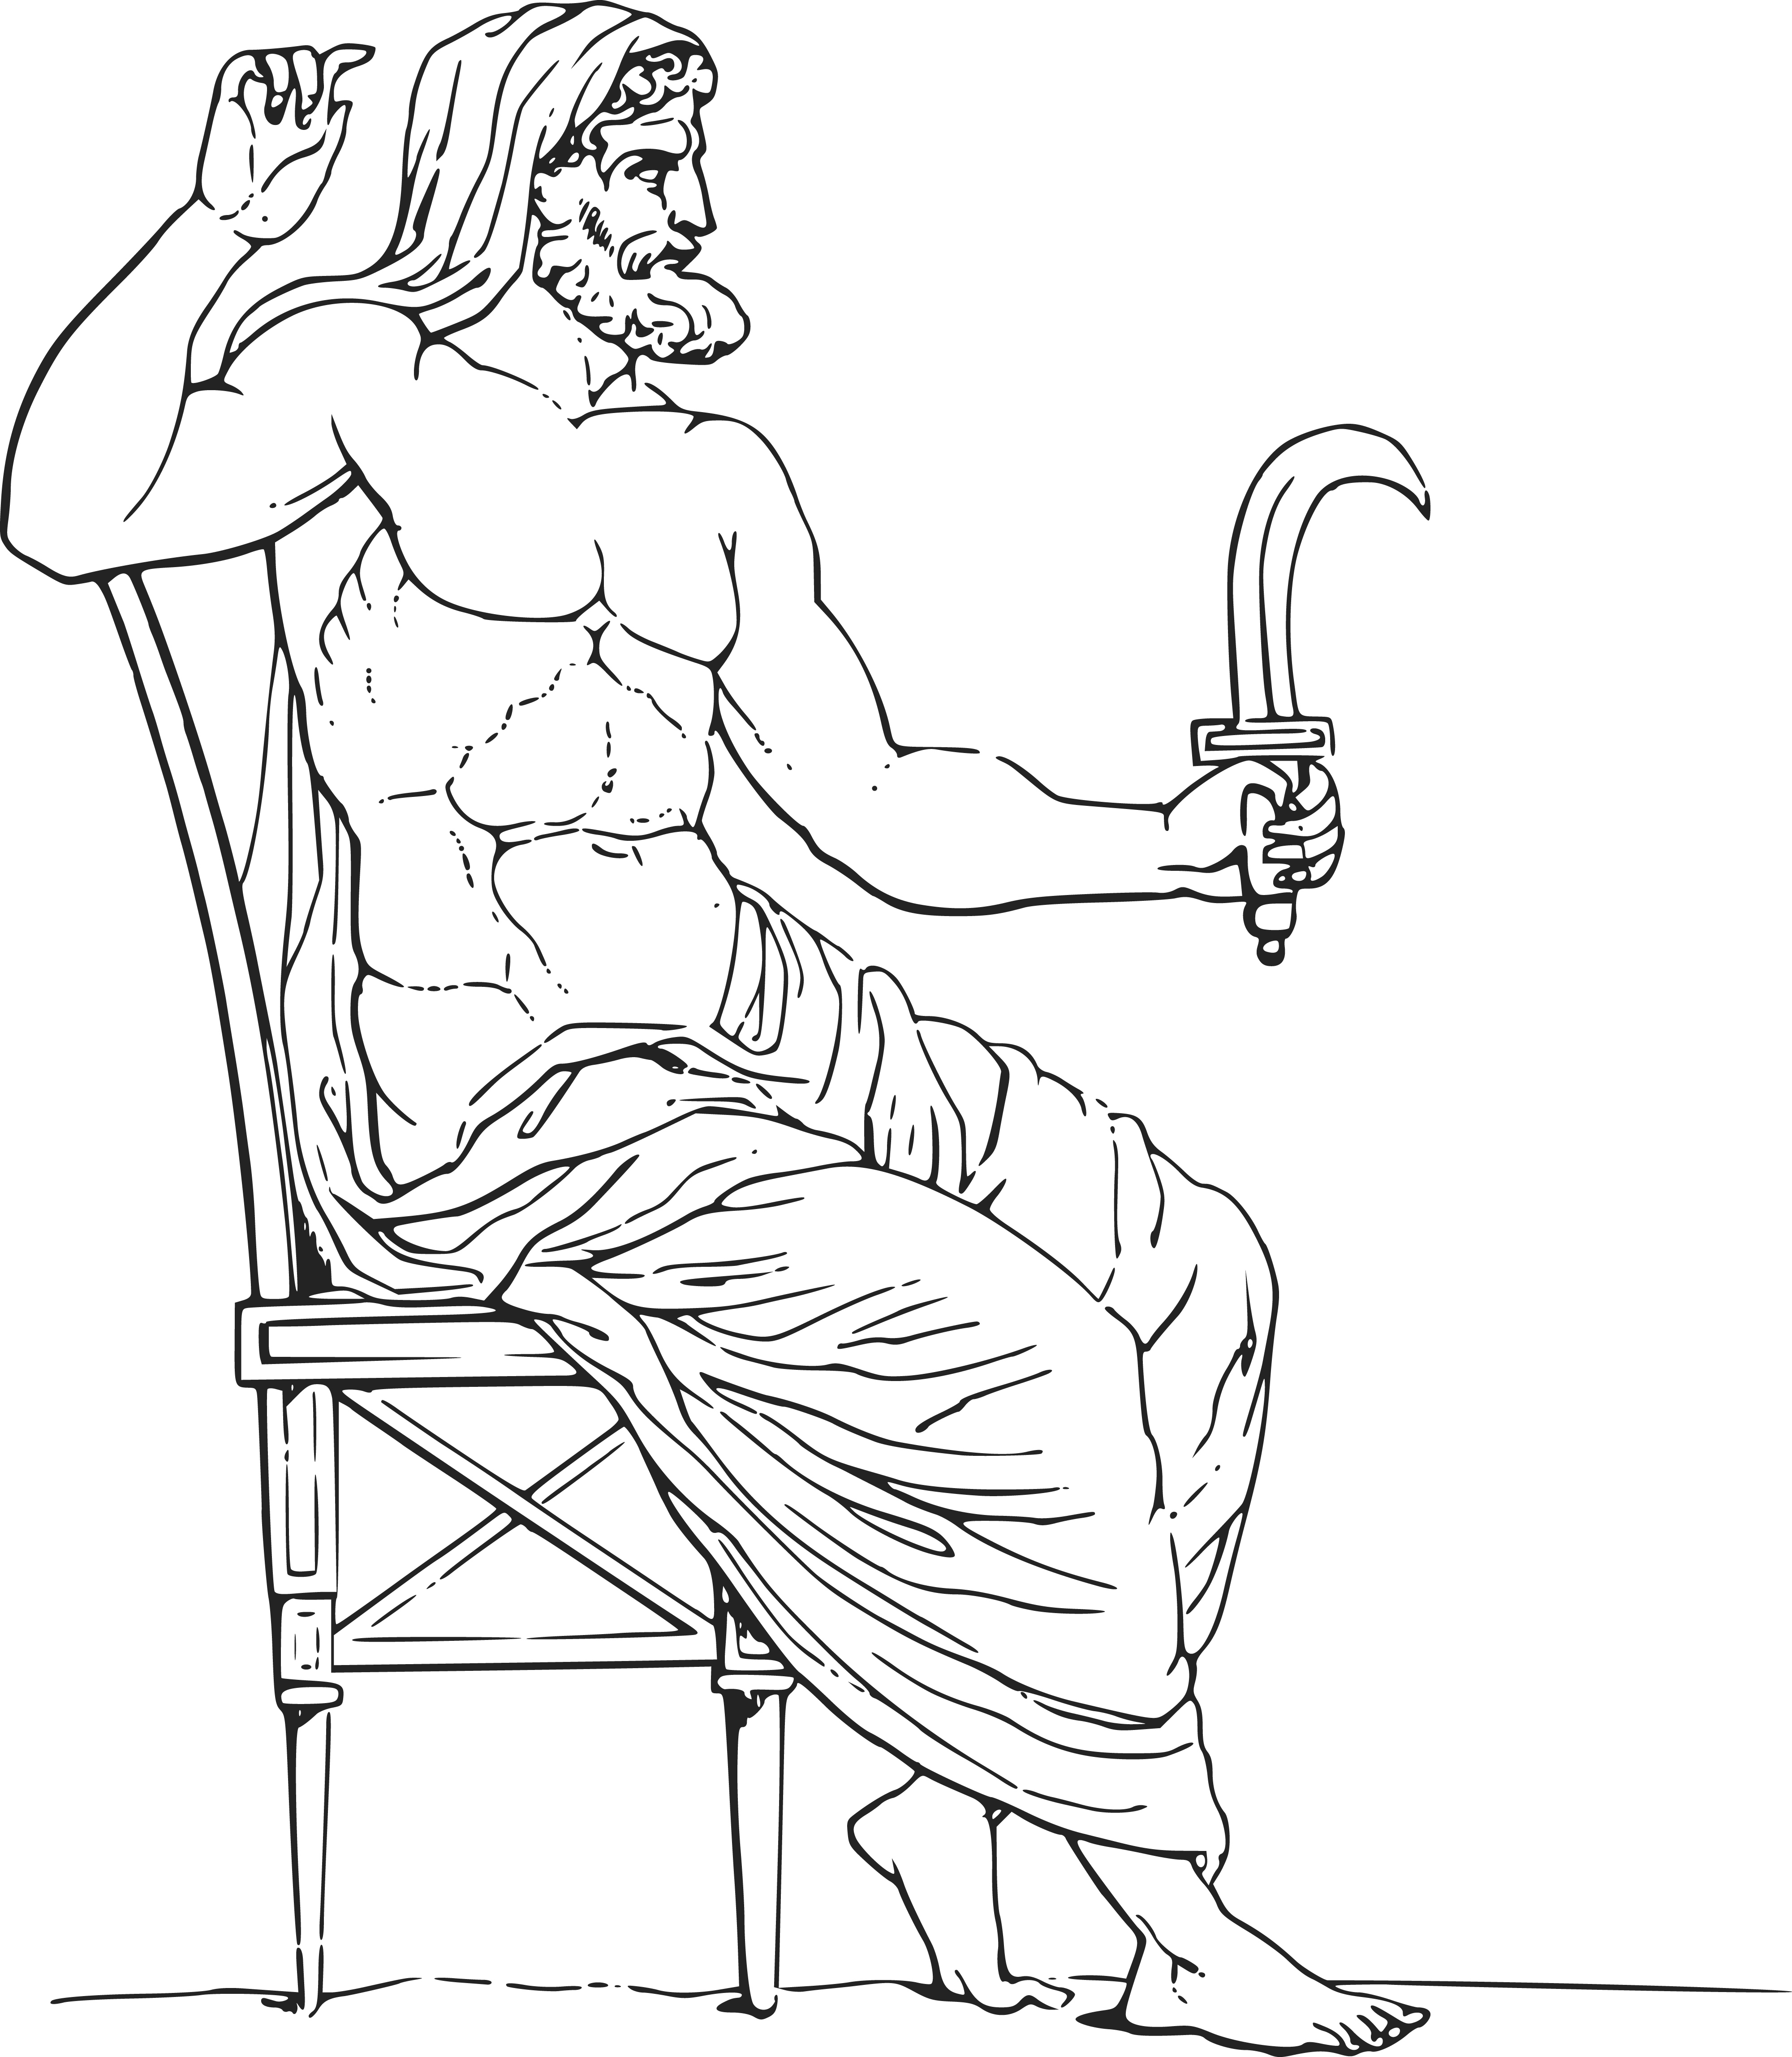 Greek Mythology PNG Images, Greek Mythology Clipart Free Download